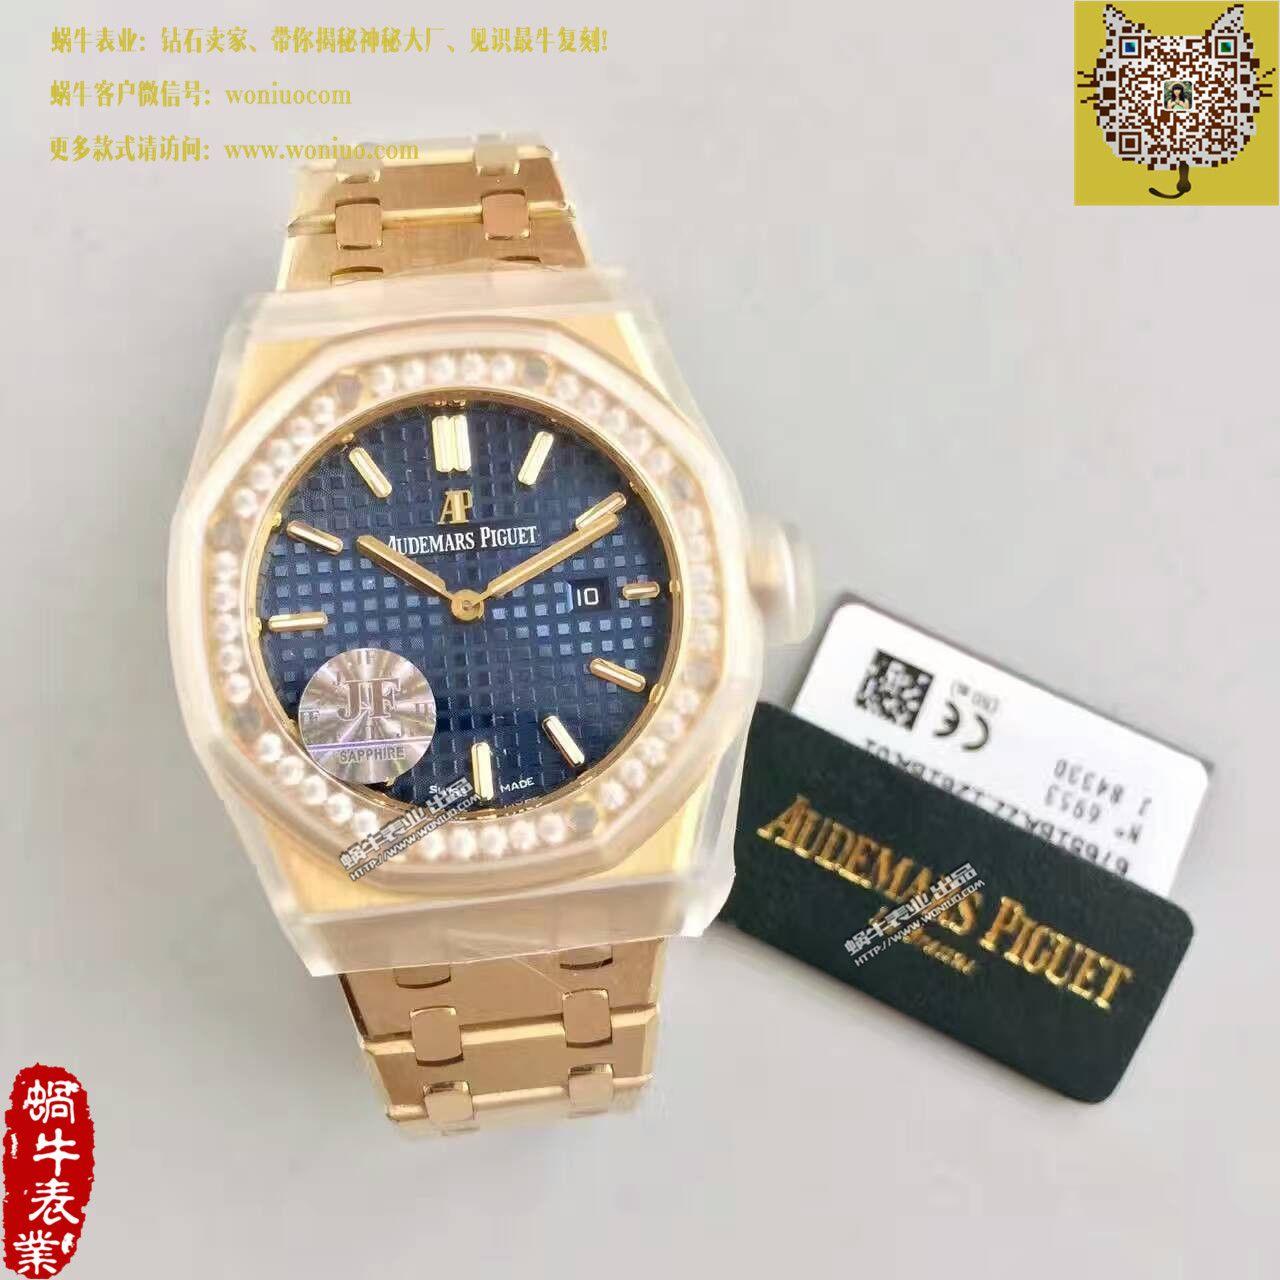 【JF一比一超A高仿手表】爱彼皇家橡树系列67651BA.ZZ.1261BA.02女士石英腕表 / AP117